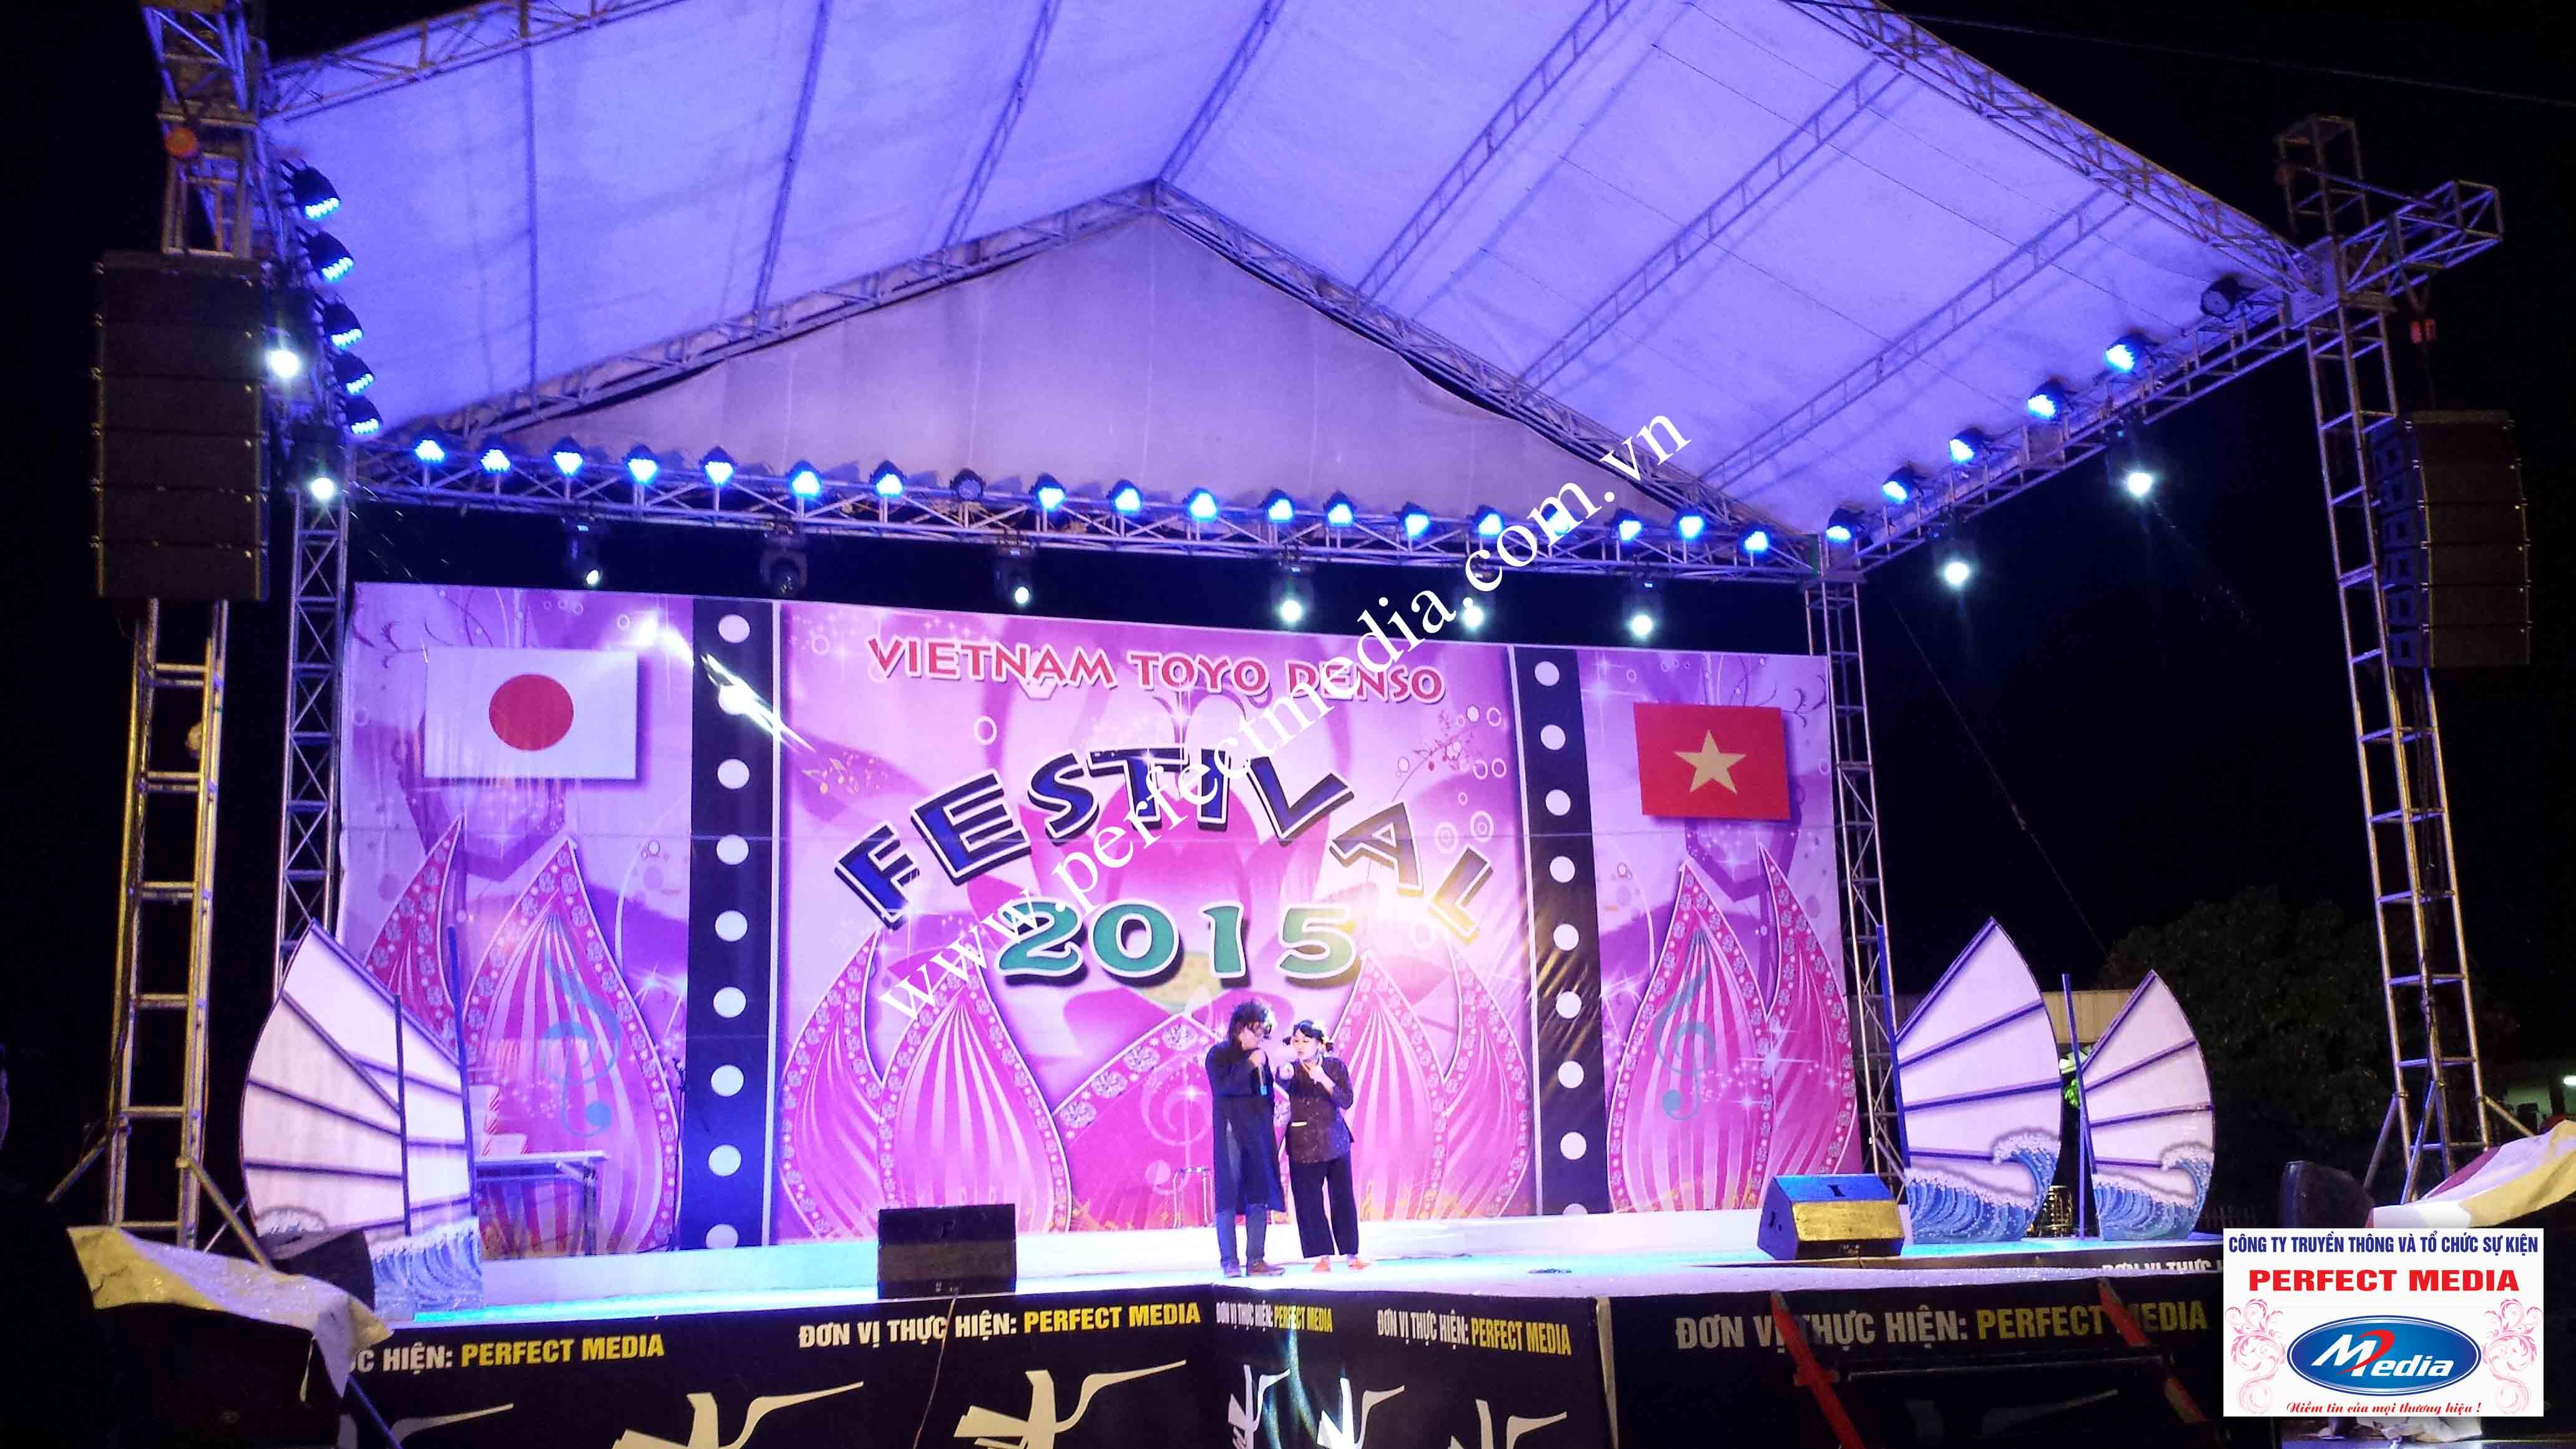 Hình ảnh trong sự kiện Festival Toyo Denso Việt Nam 2015 - 13